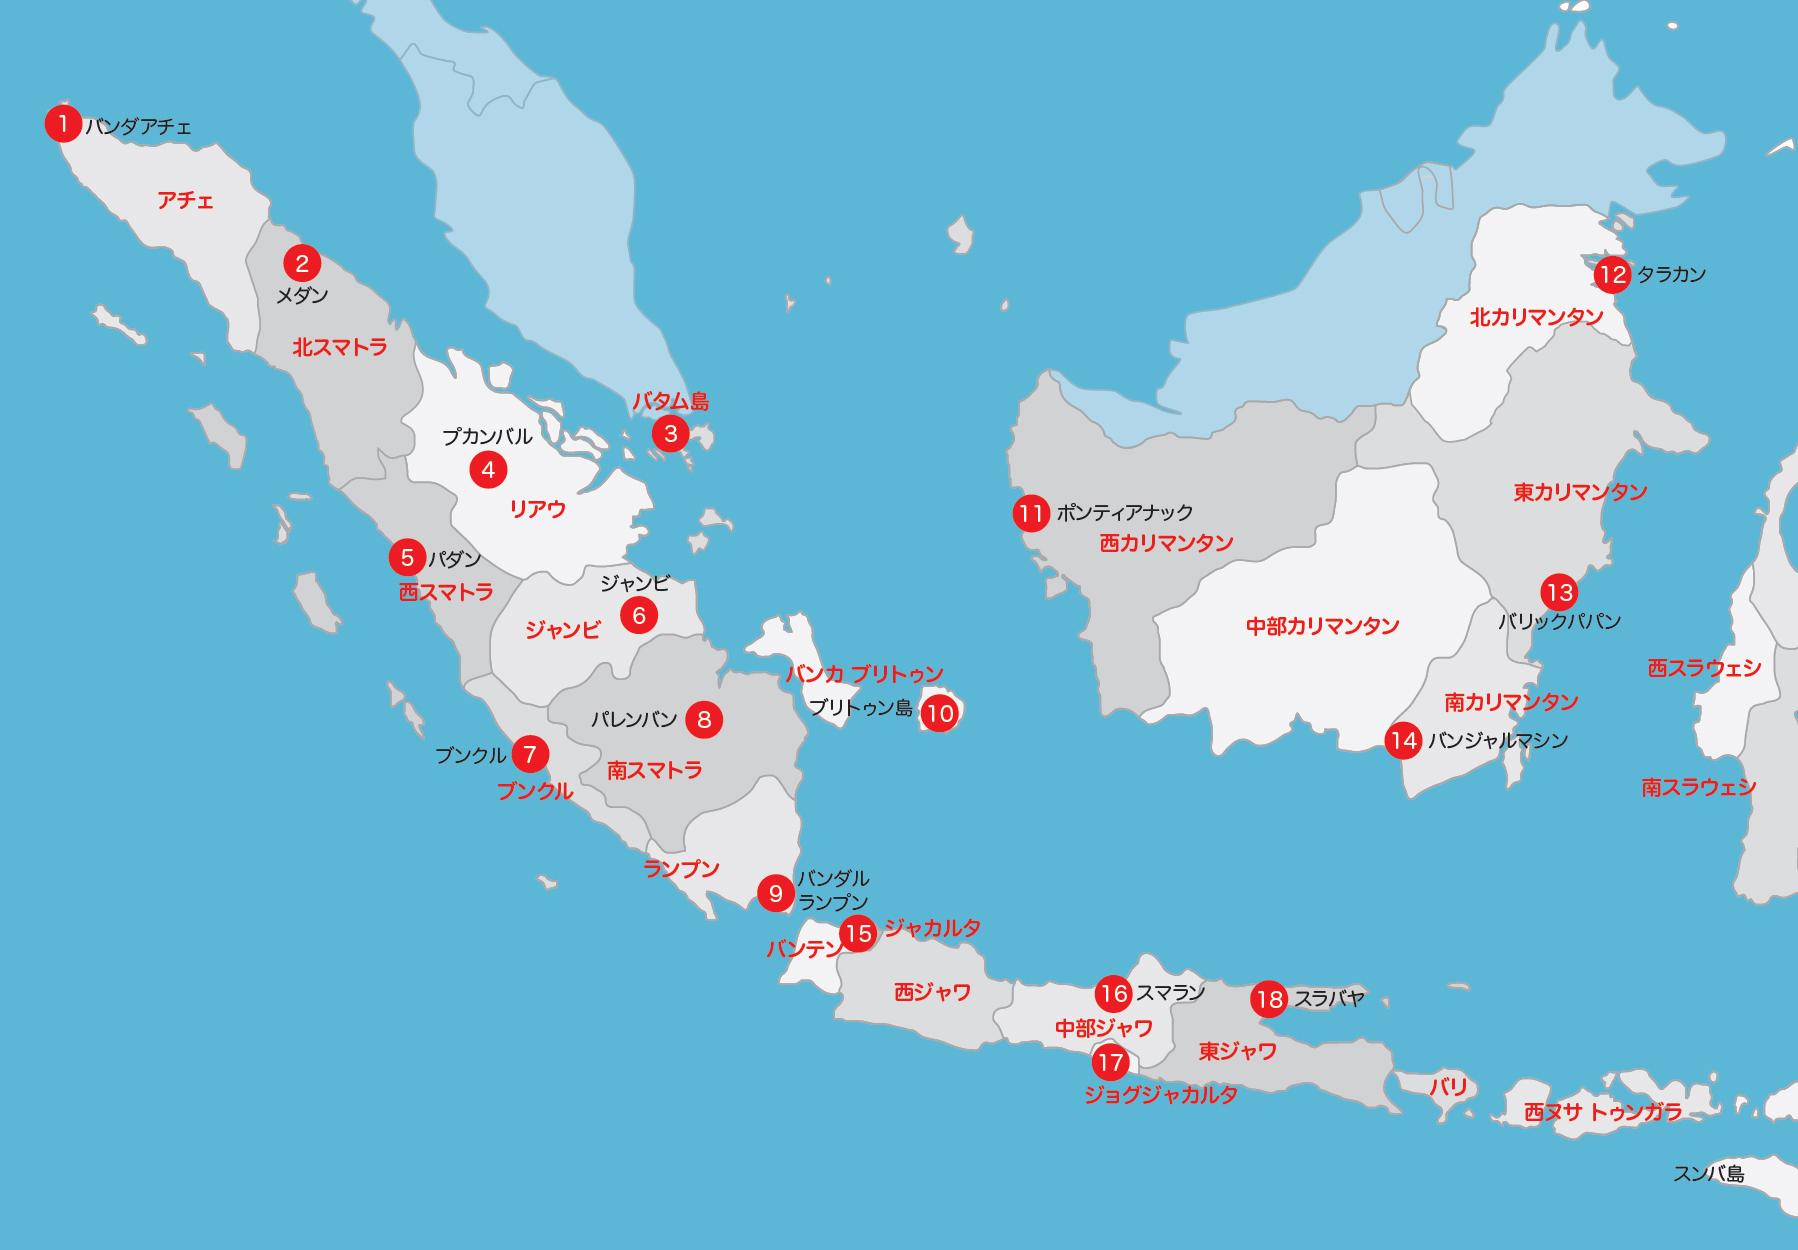 東インドネシア国 - State of East Indonesia - JapaneseClass.jp